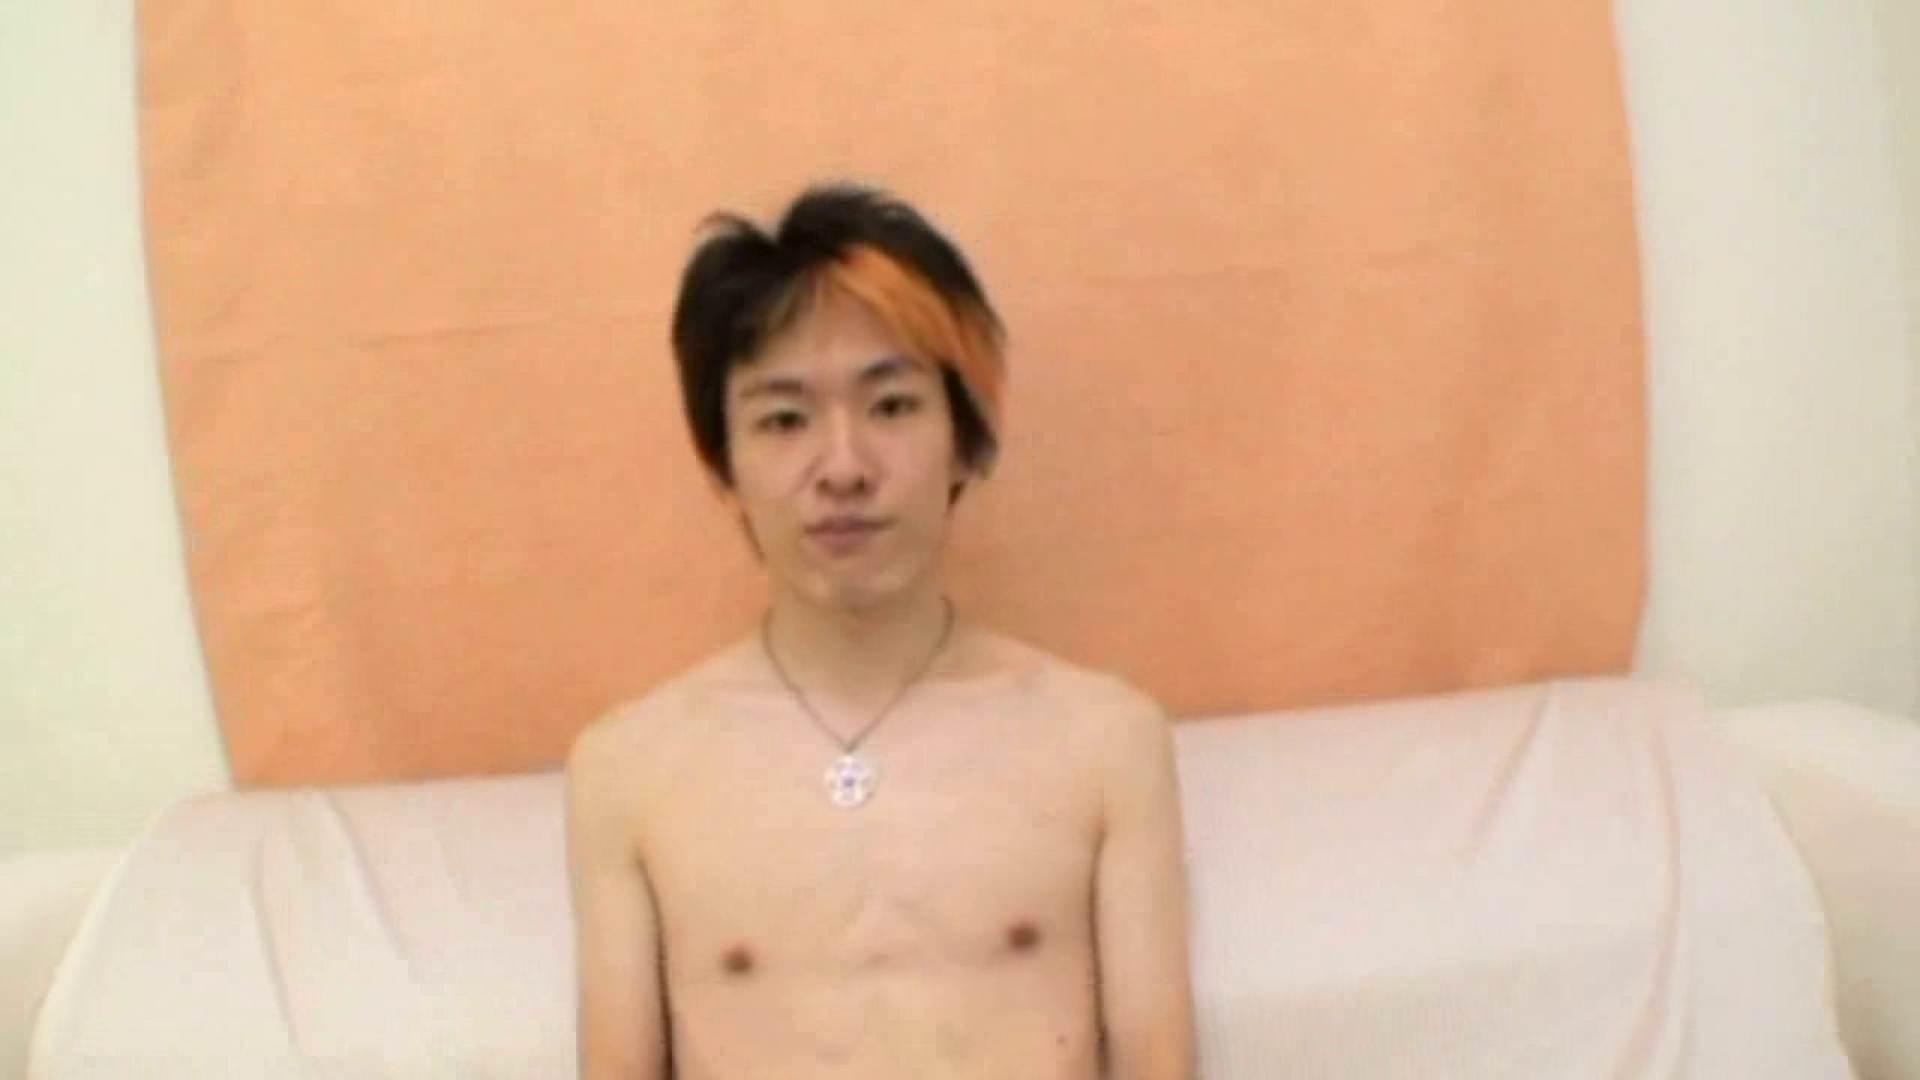 ノンケ!自慰スタジオ No.12 オナニー専門男子 ゲイアダルトビデオ画像 96画像 7